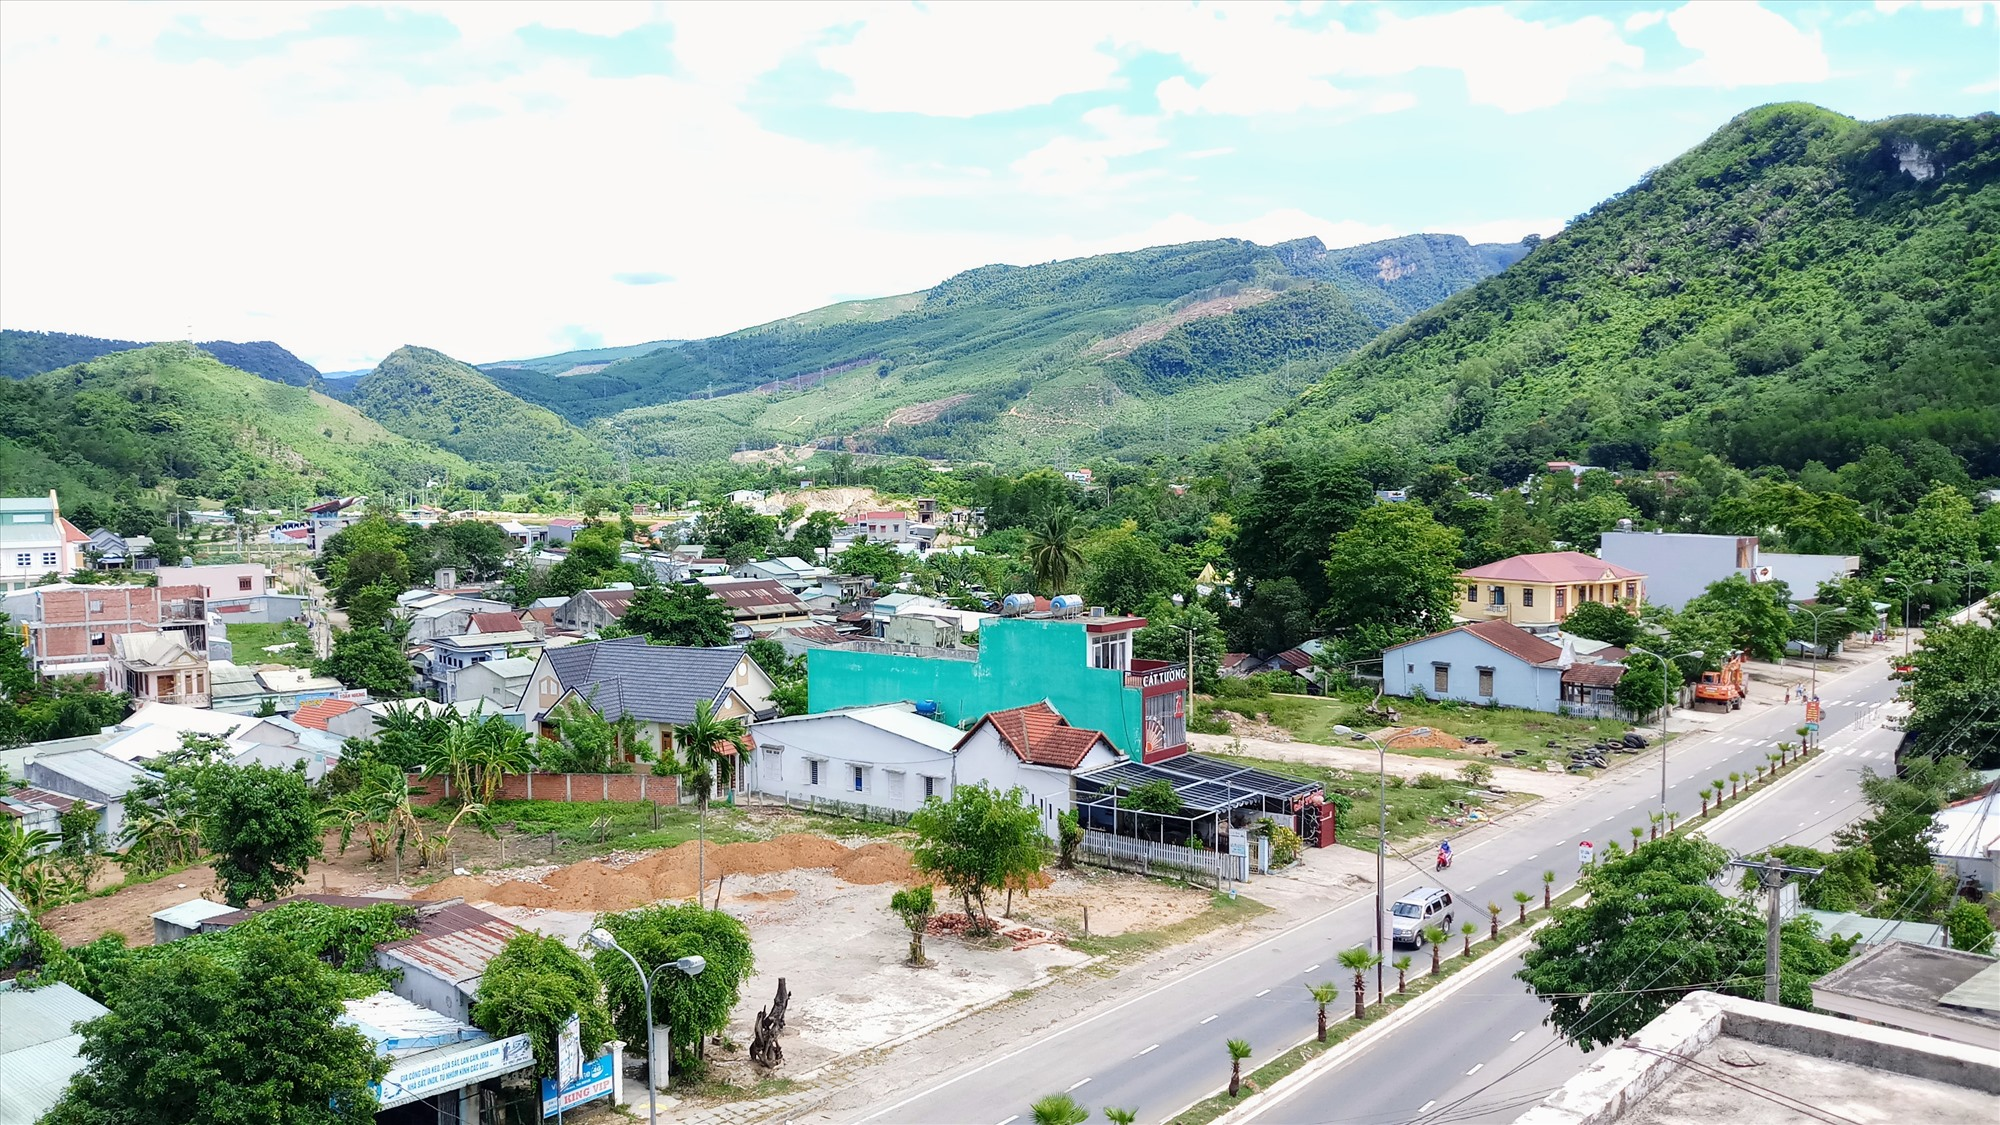 Hiệu quả thực hiện Nghị quyết Đại hội Đảng bộ huyện nhiệm kỳ 2015 - 2020 giúp diện mạo Nam Giang dần khởi sắc. Ảnh: ALĂNG NGƯỚC